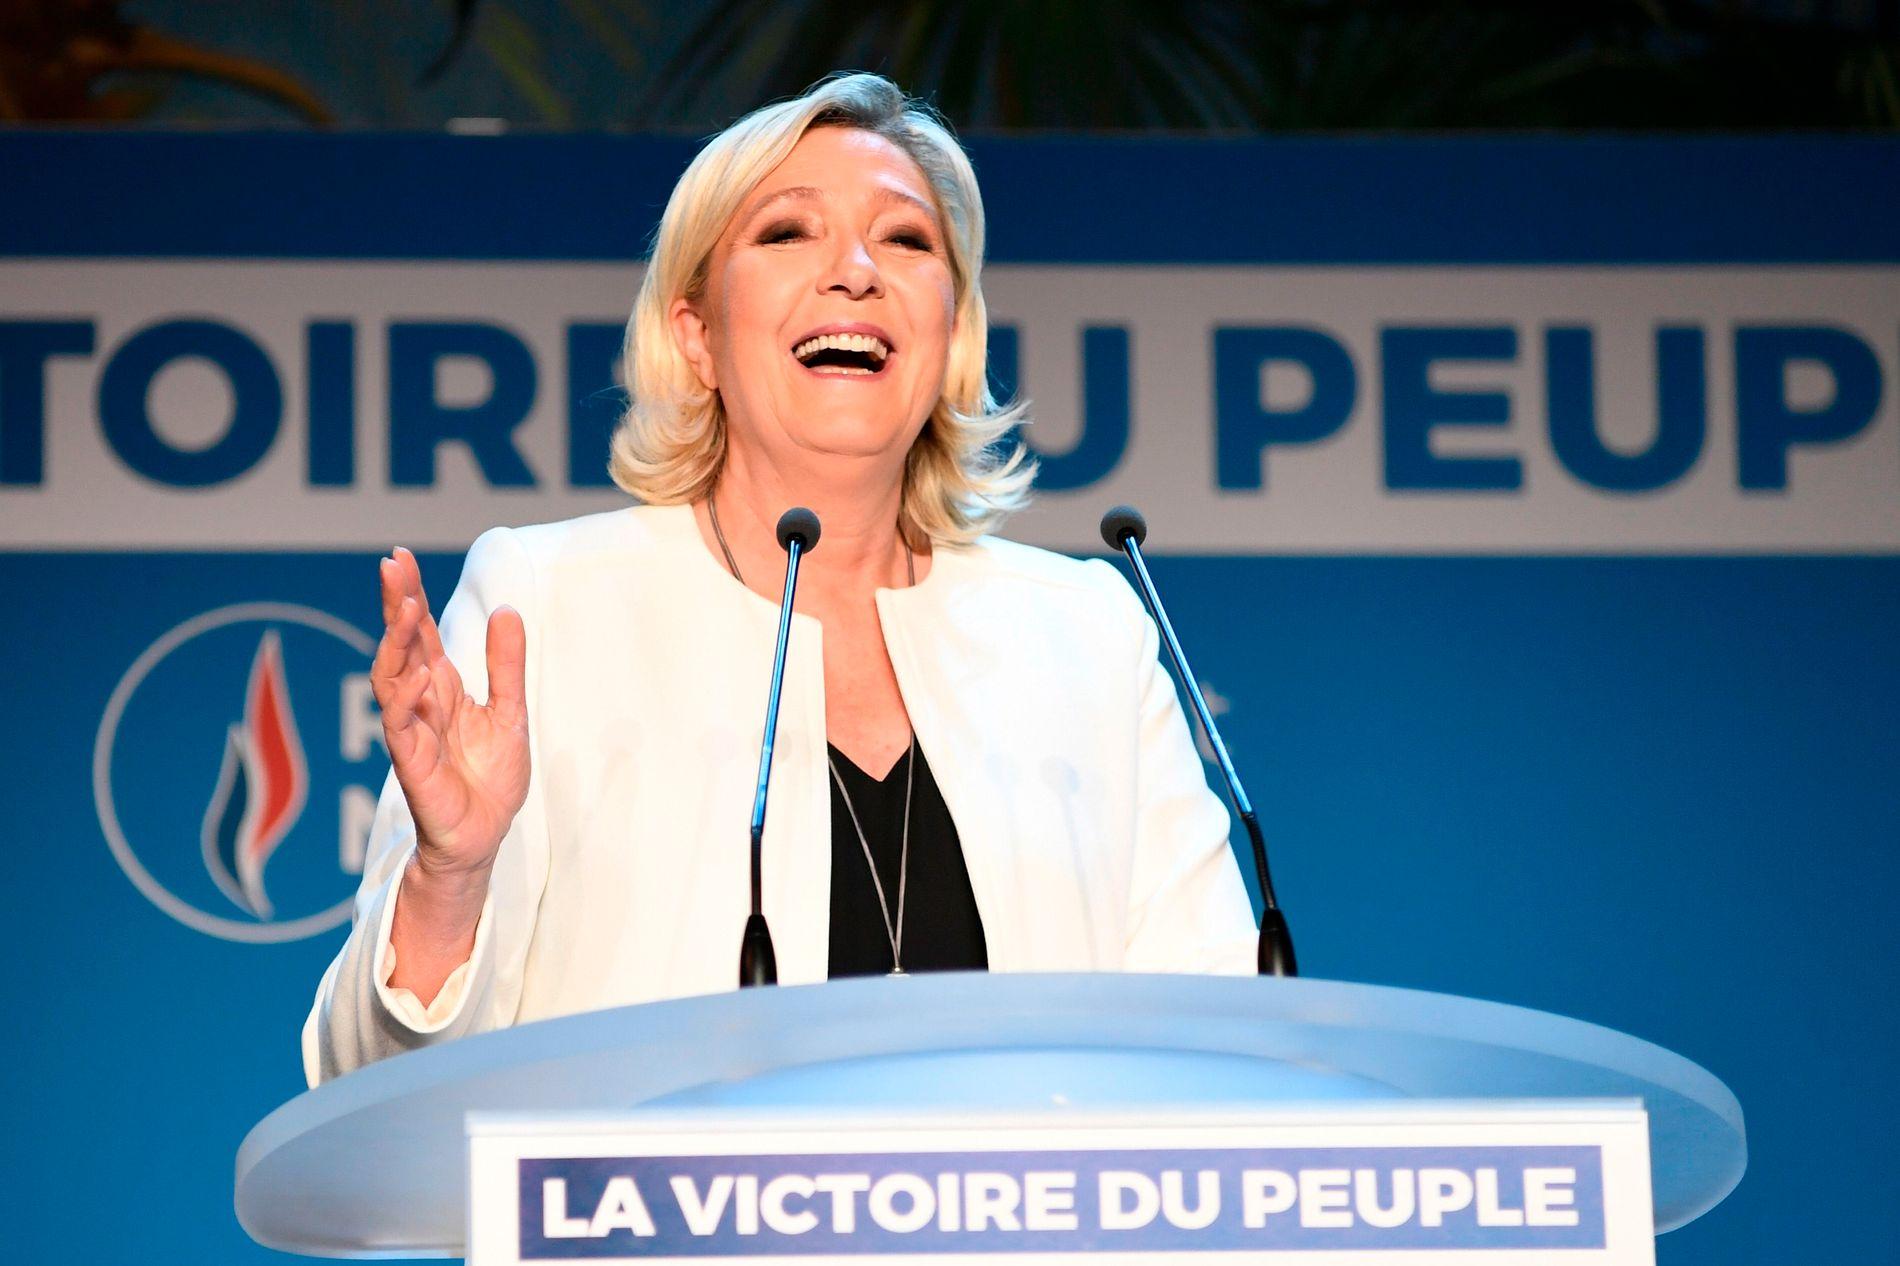 VALGVINNER: Partileder Marine Le Pen snakker til tilhengerne sine, etter at partiet Nasjonal samling toppet valgdagsmålingene i Frankrike.